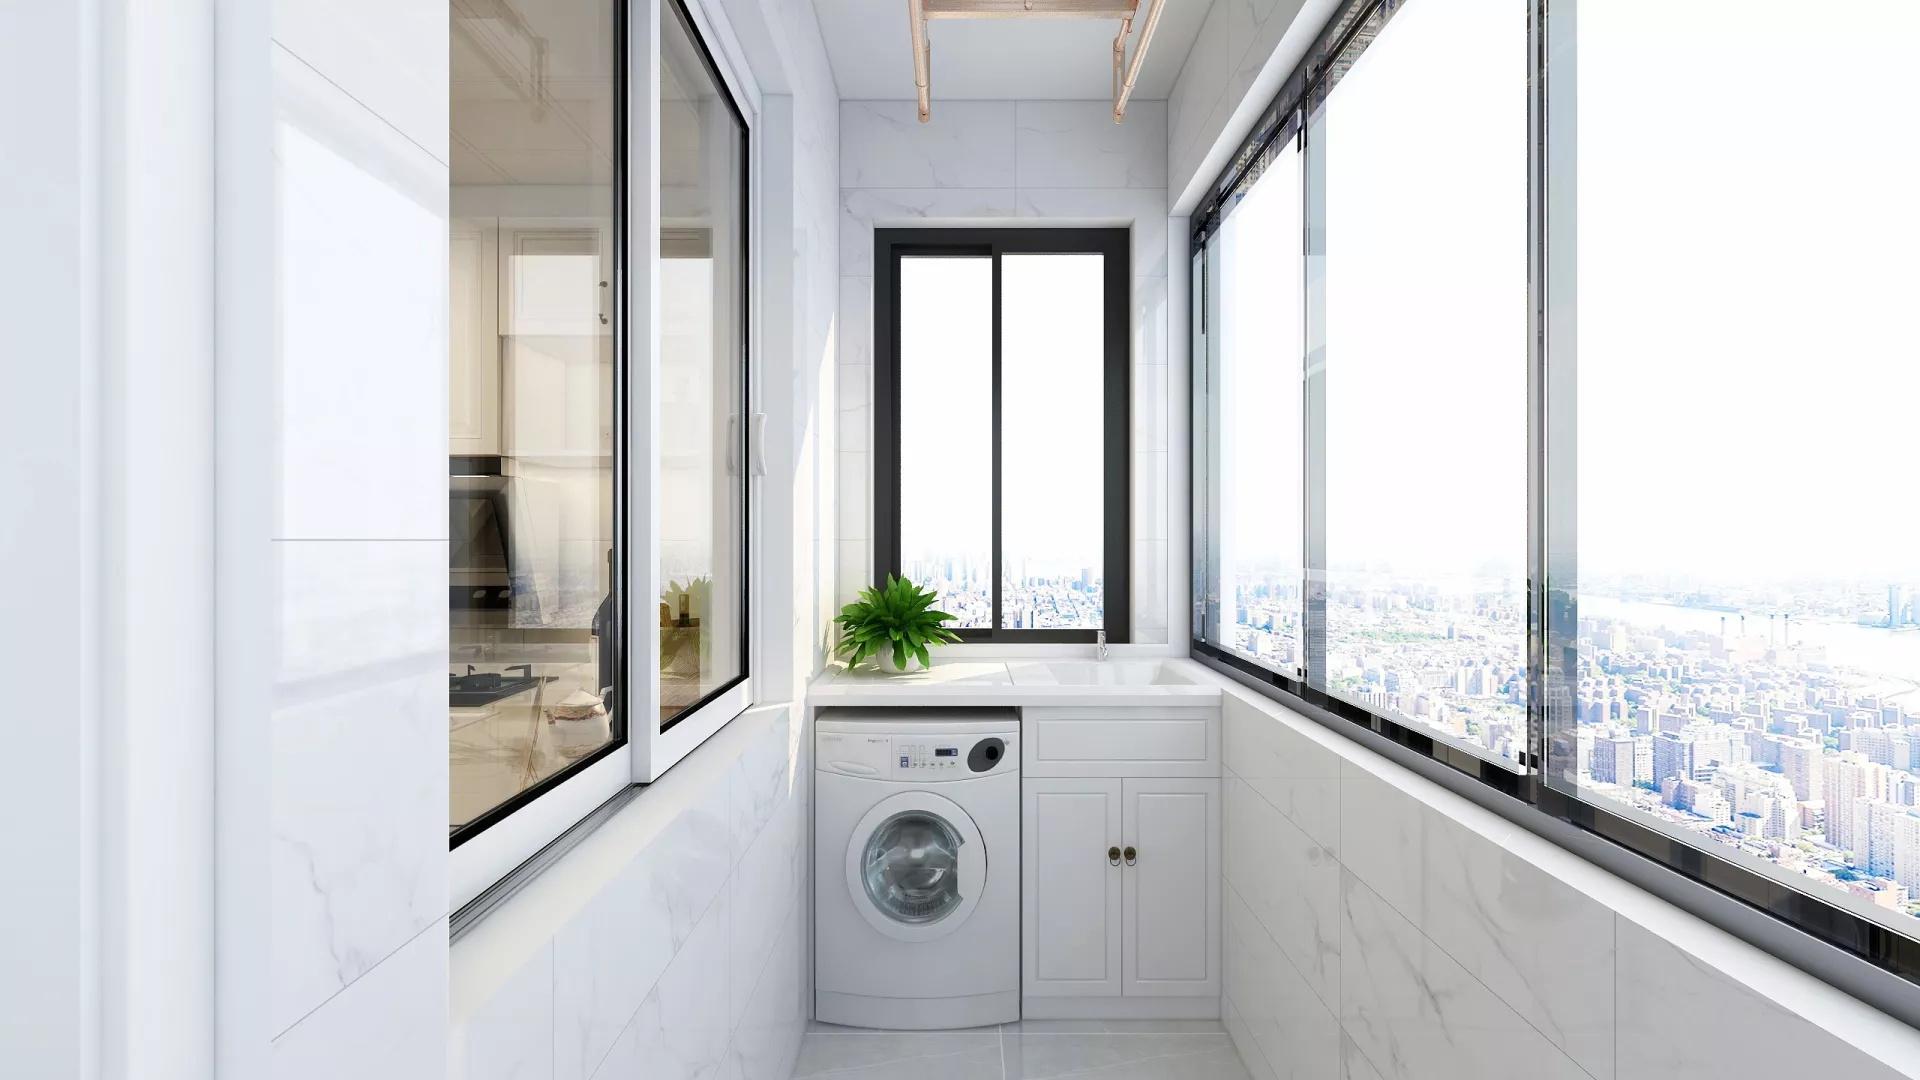 240㎡新中式静雅人文气息的客厅设计效果图